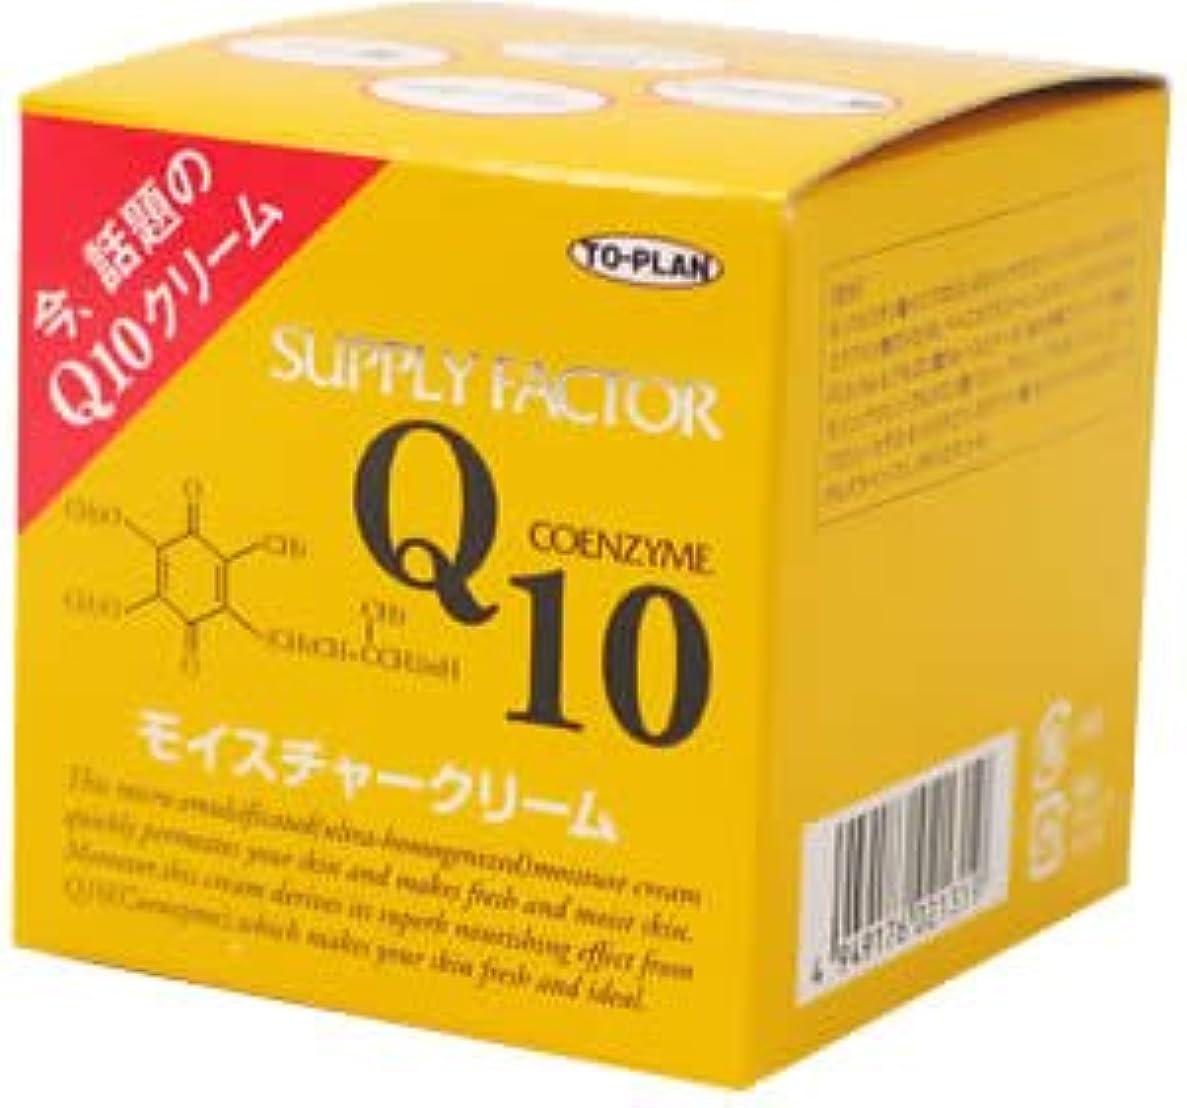 算術性交憧れTO-PLAN(トプラン) Q10モイスチャークリーム 110g